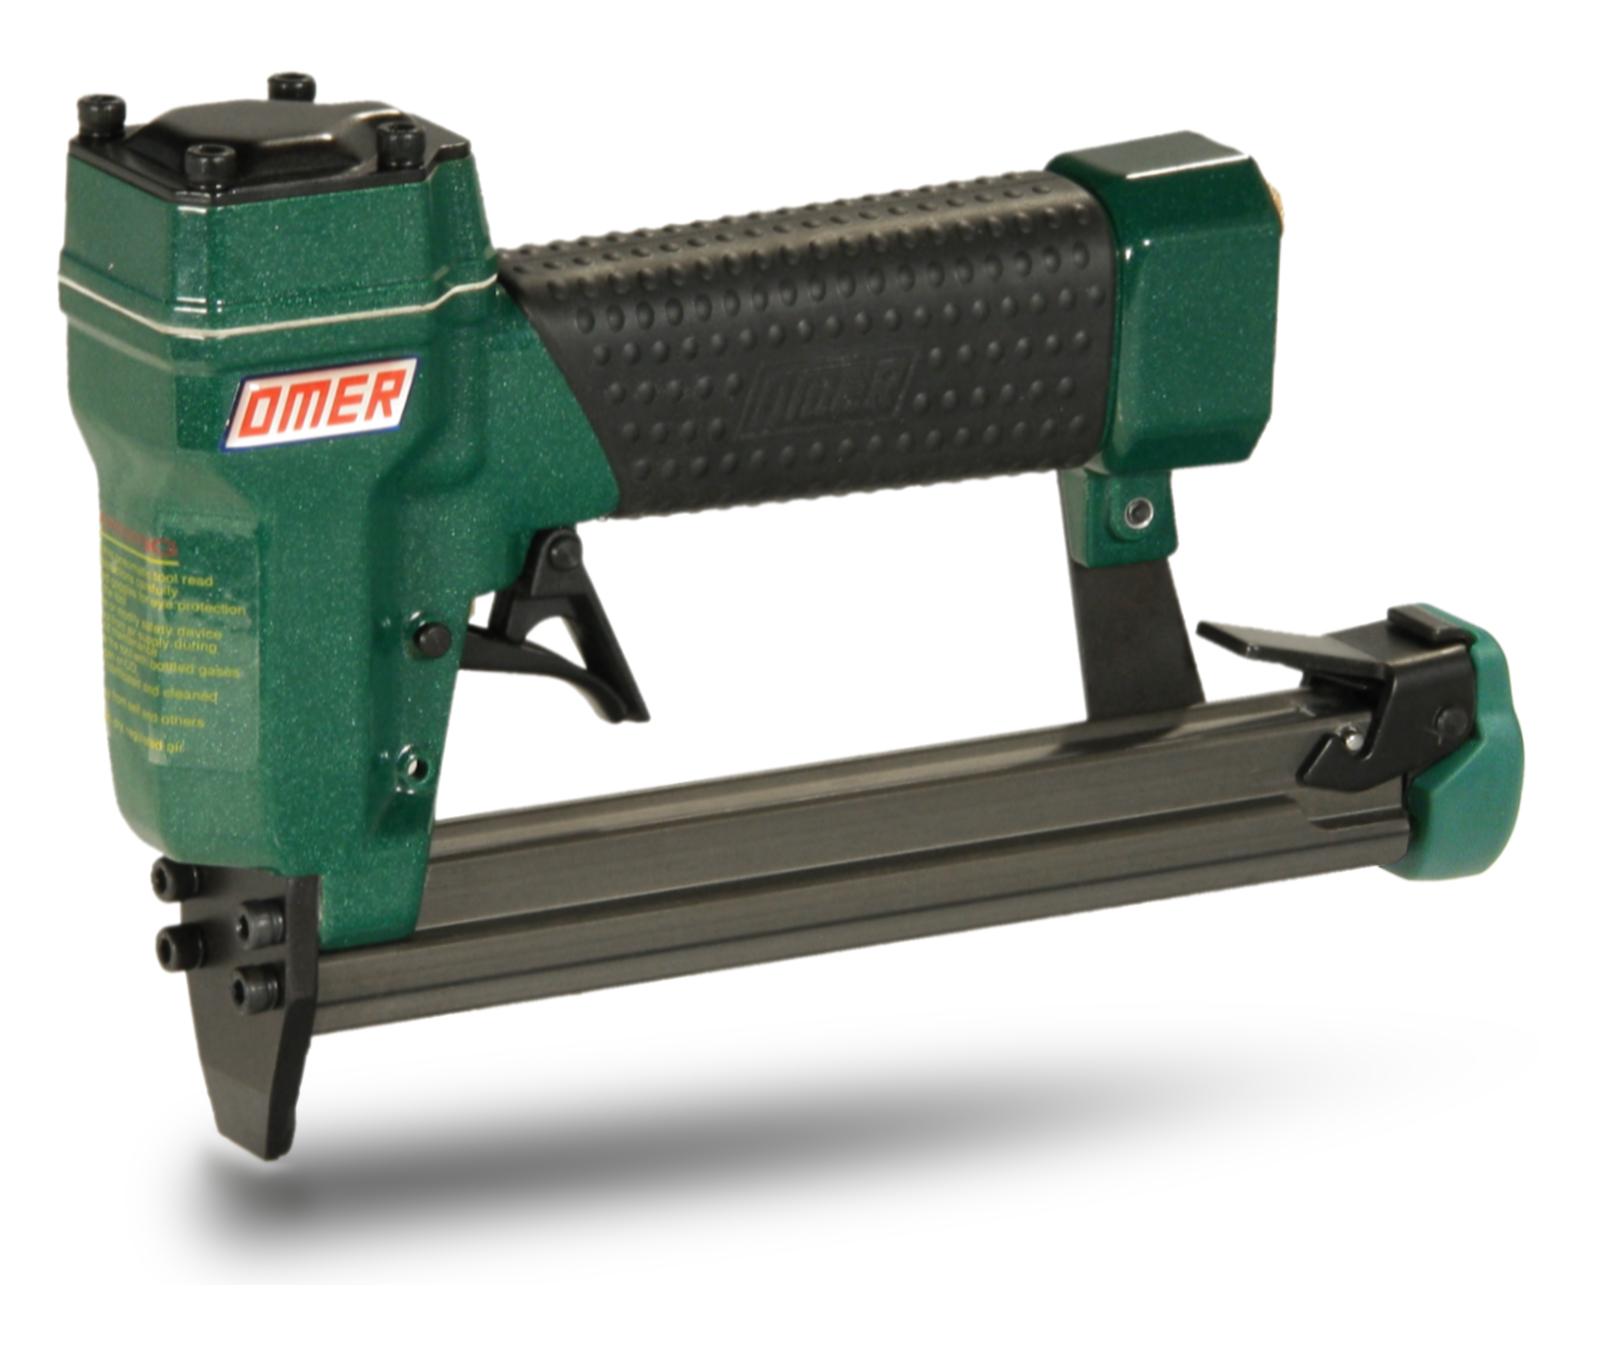 Klammerverktyg 80.16 för 680 aluminiumklammer